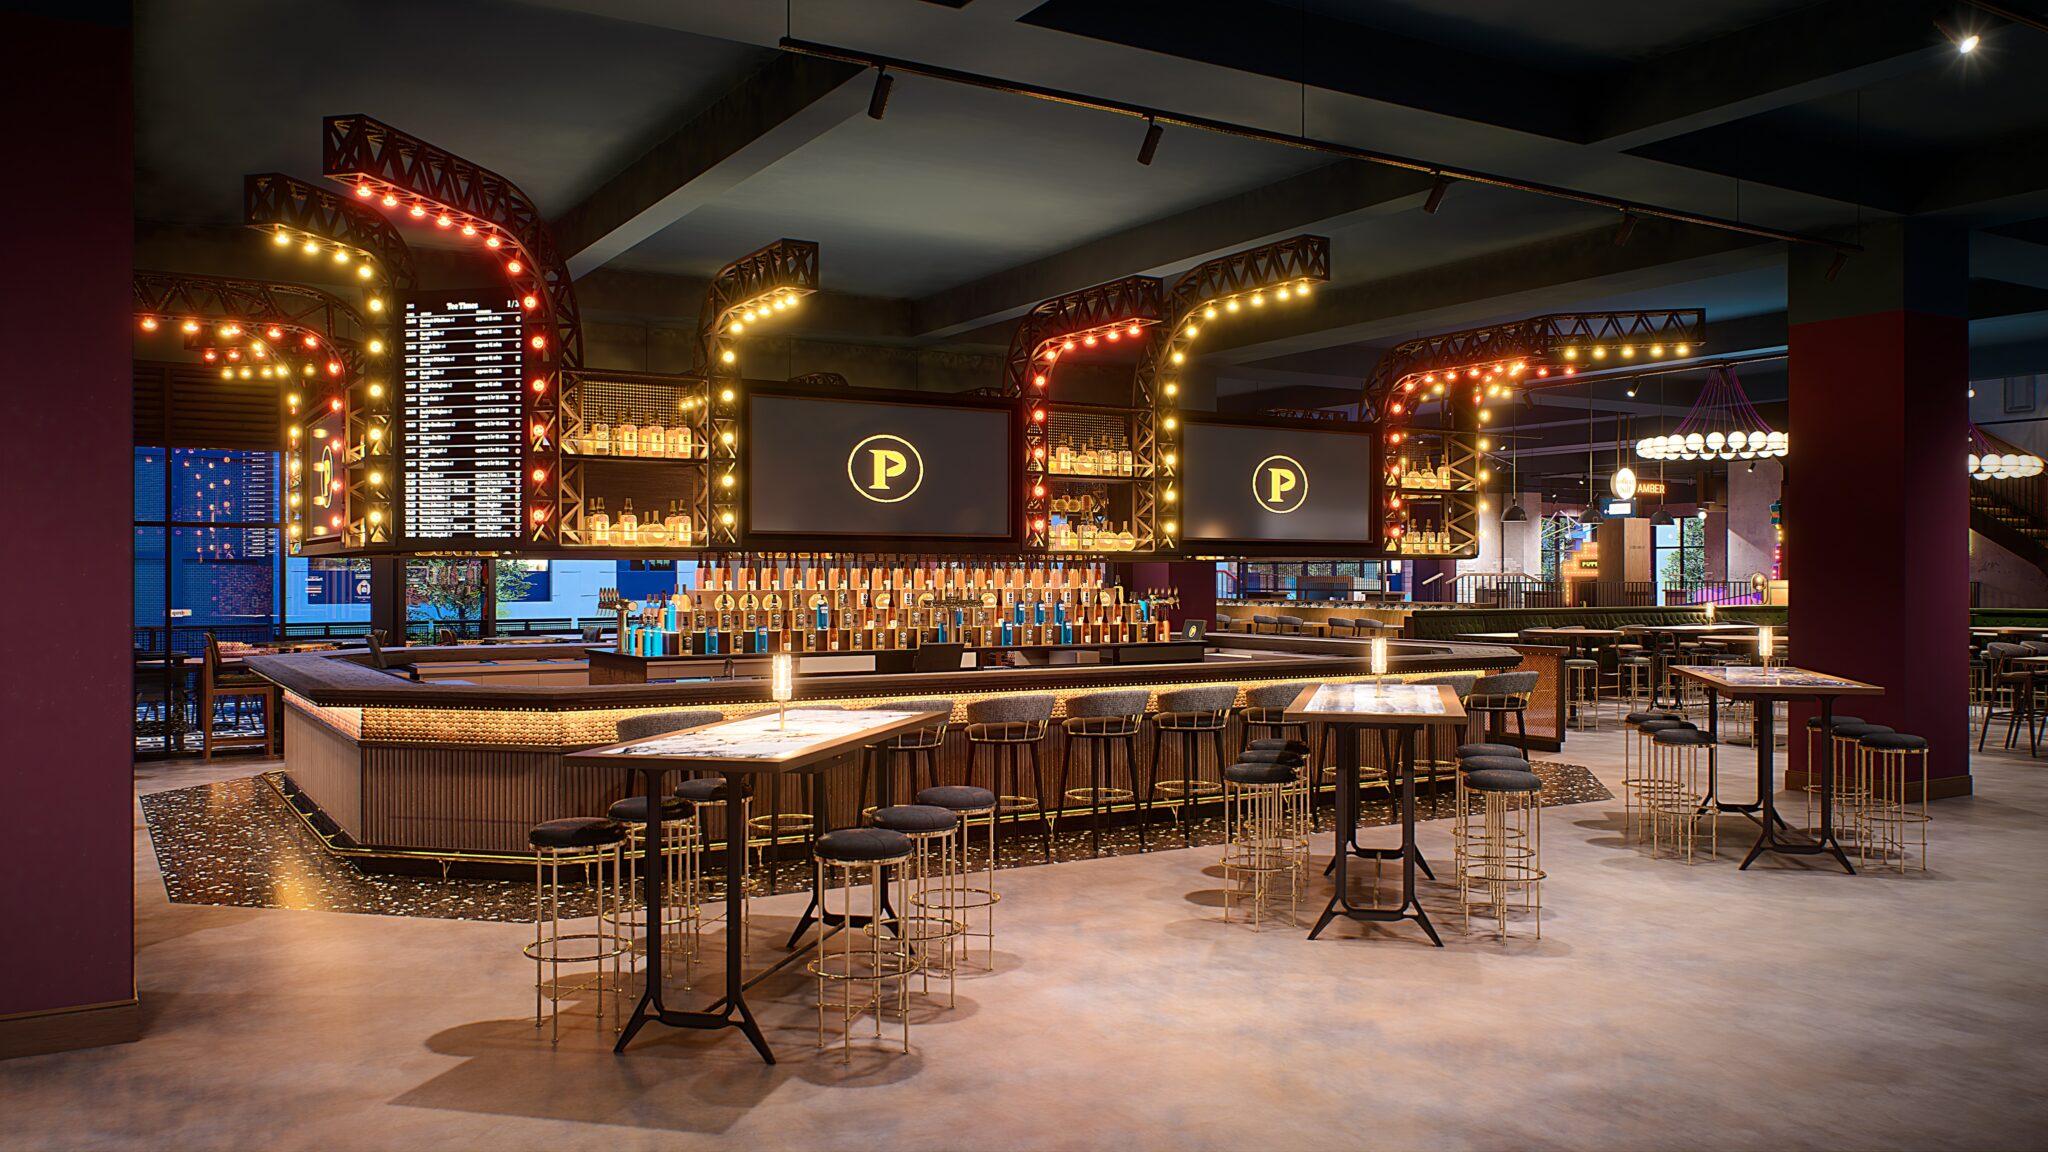 Puttshack Atlanta Bar